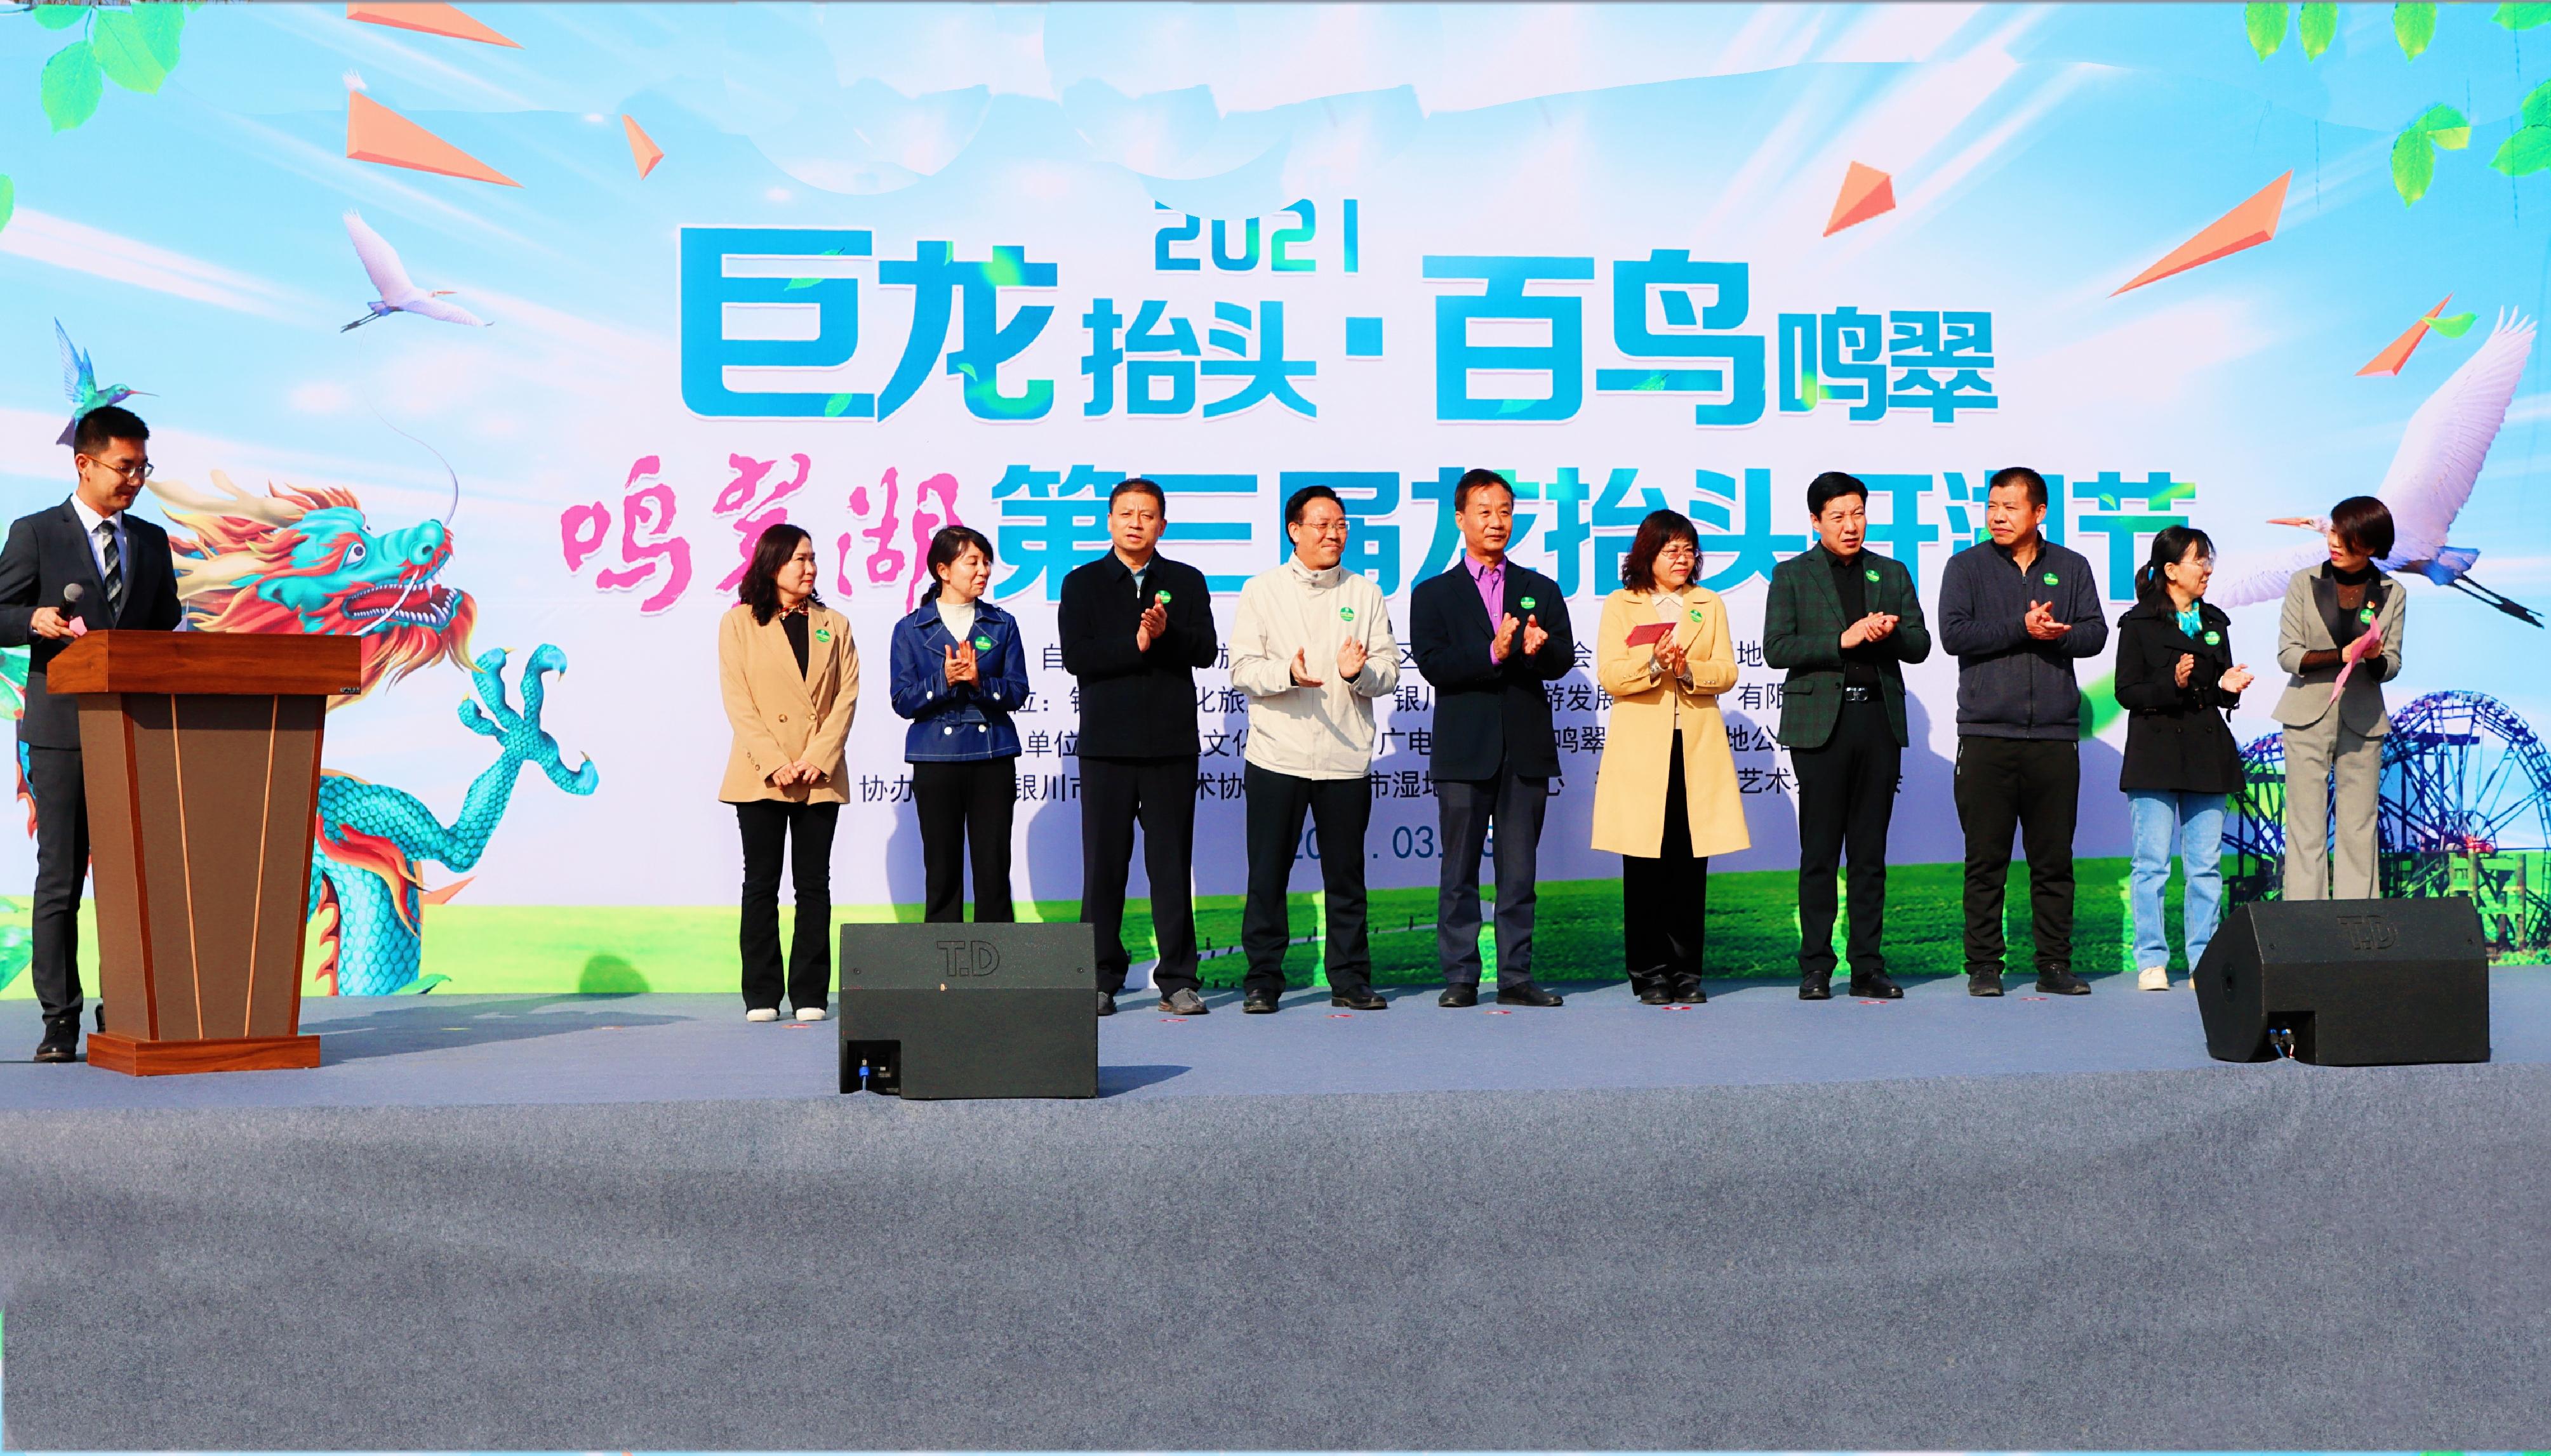 鸣翠湖第三届龙抬头开湖节3月13日启幕